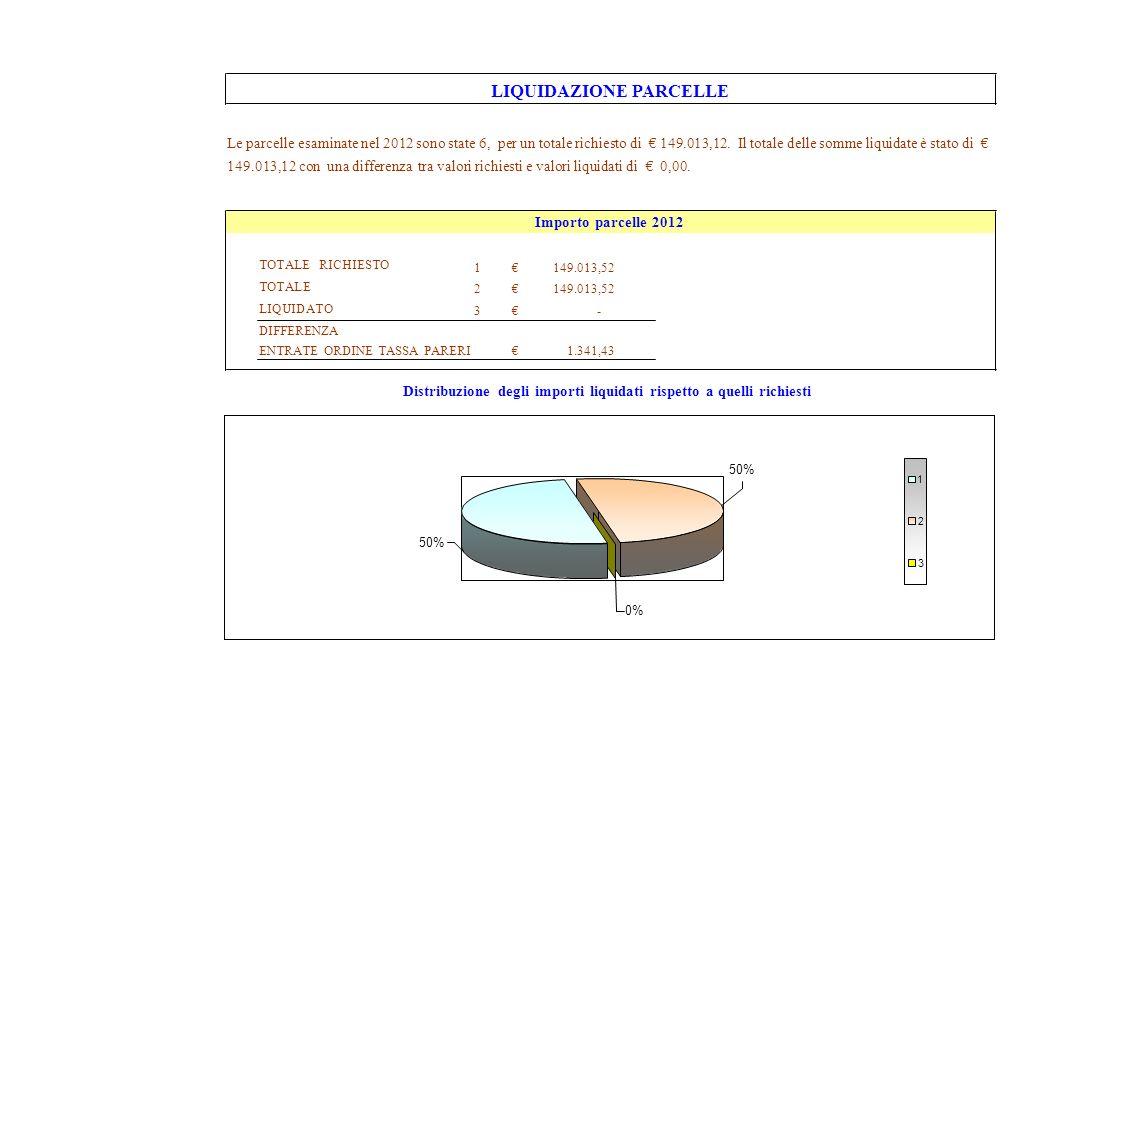 ORDINE DEI DOTTORI COMMERCIALISTI E DEGLI ESPERTI CONTABILI DI NOLA Rendiconto Finanziario Esercizio 2012 ENTRATA 11314151617181920212223 30704357.075,0035.800,000,0048.150,0021.275,0057.075,00112.075,000,00 63.925,0048.150,00 Pagina: 2 CapitoloG e s t i o n e d e i R e s i d u i2012G e s t i o n e d i C a s s a Totale dei Residui Attivi al Termine dell Esercizi o 2012 (9 + 15) Codice Residui Attivi al I° Gennaio Riscossi Rimasti da Riscuotere Totale (14 + 15) V a r i a z i o n iV a r i a z i o n i Previsioni (7+13+17-18) Riscossioni (8 + 14) Diff.